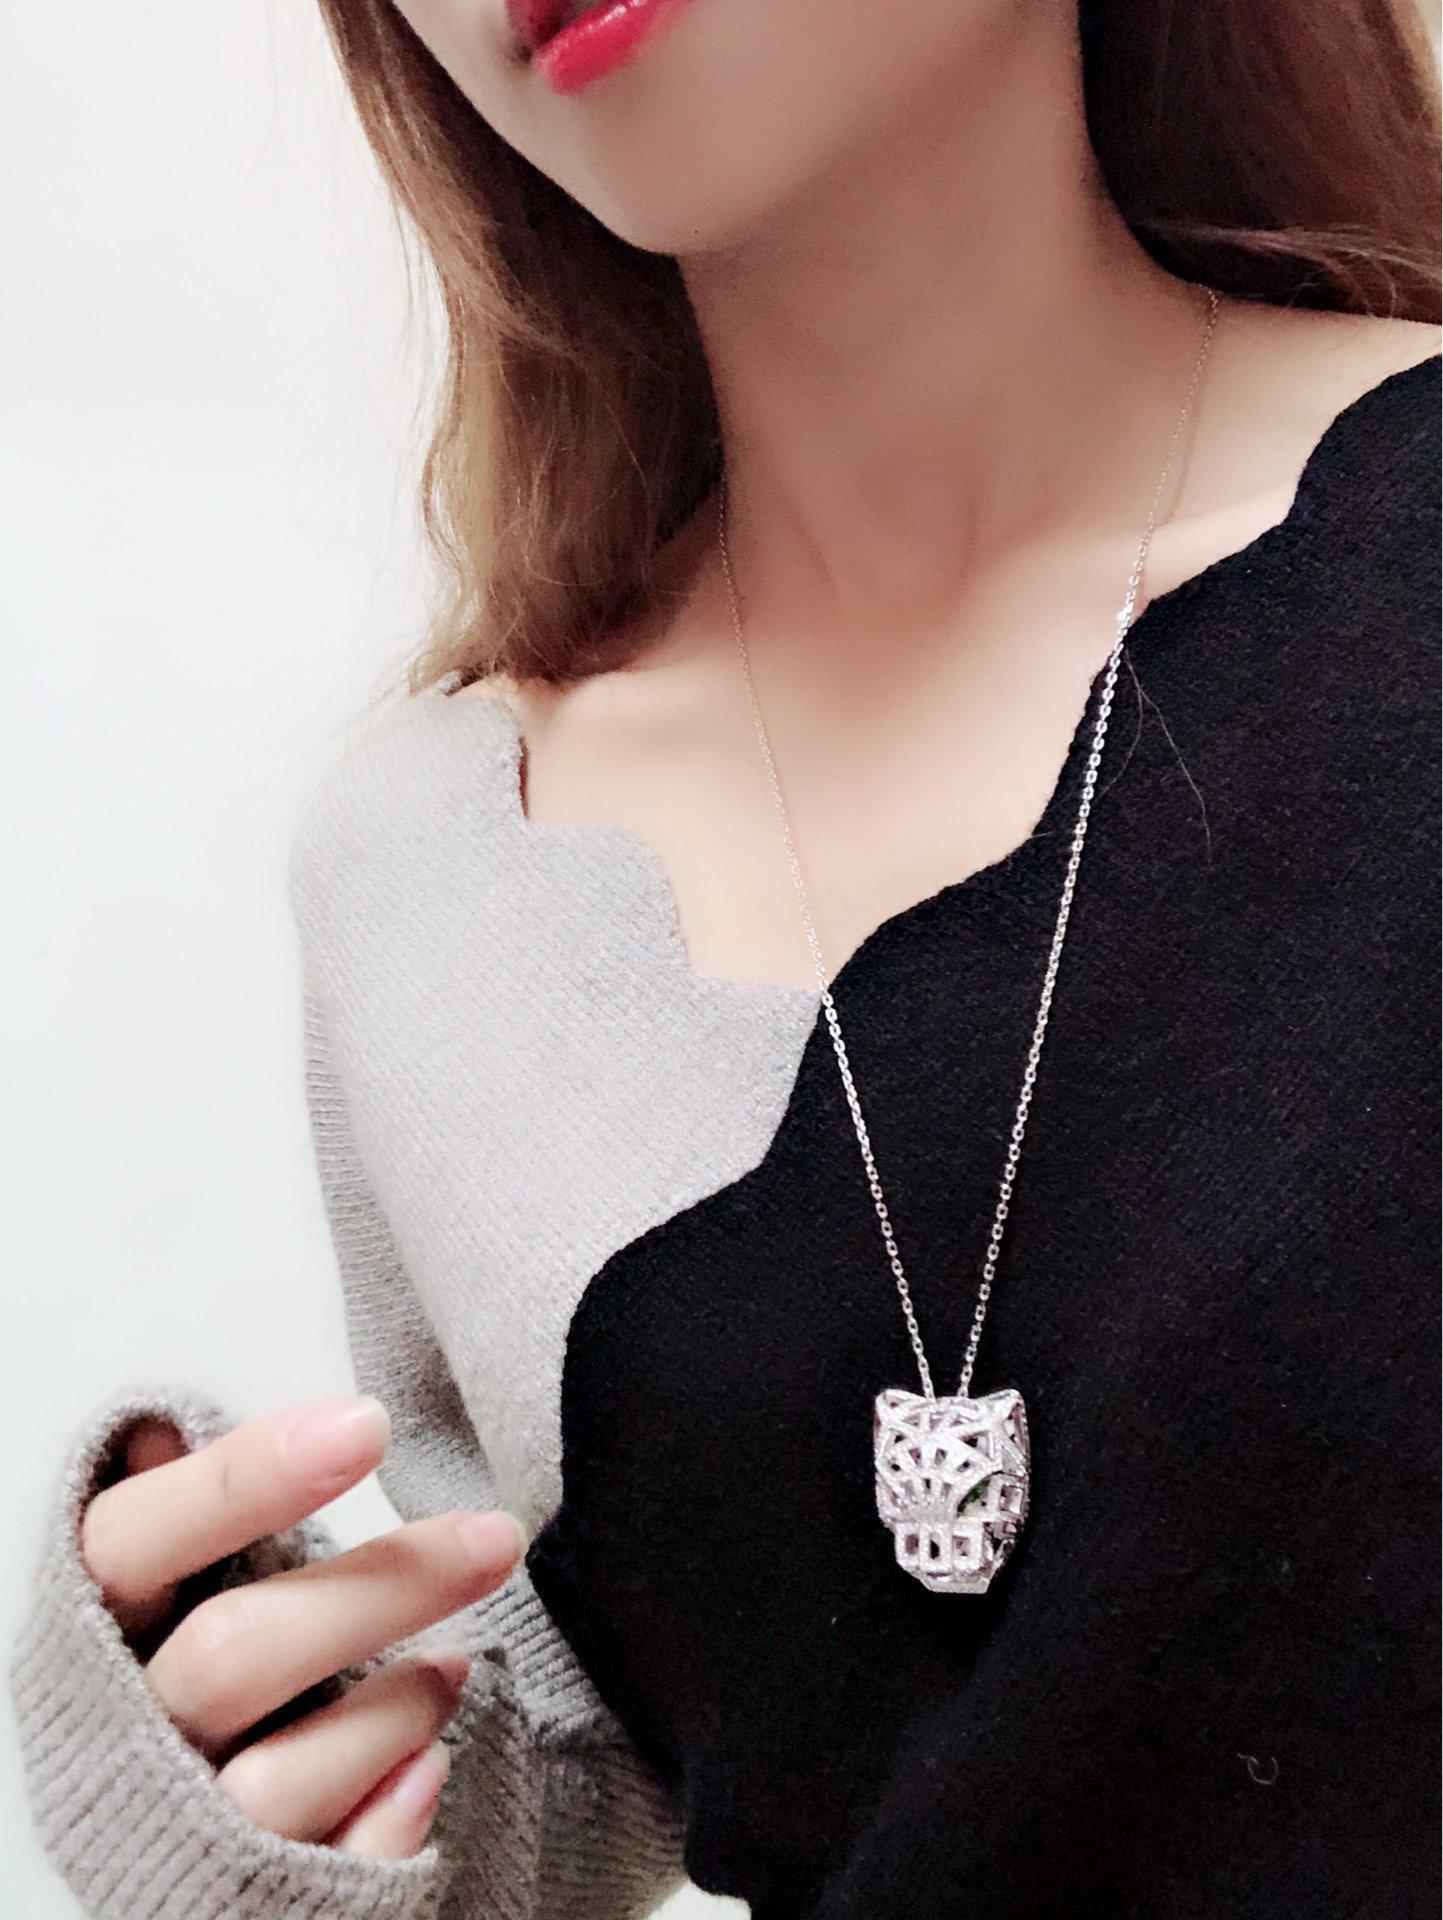 2020 высокое качество мода ювелирные изделия дамы ожерелье с вечернее платье лучшие ювелирные изделия Шарм великолепный кулон ожерелье YBG5